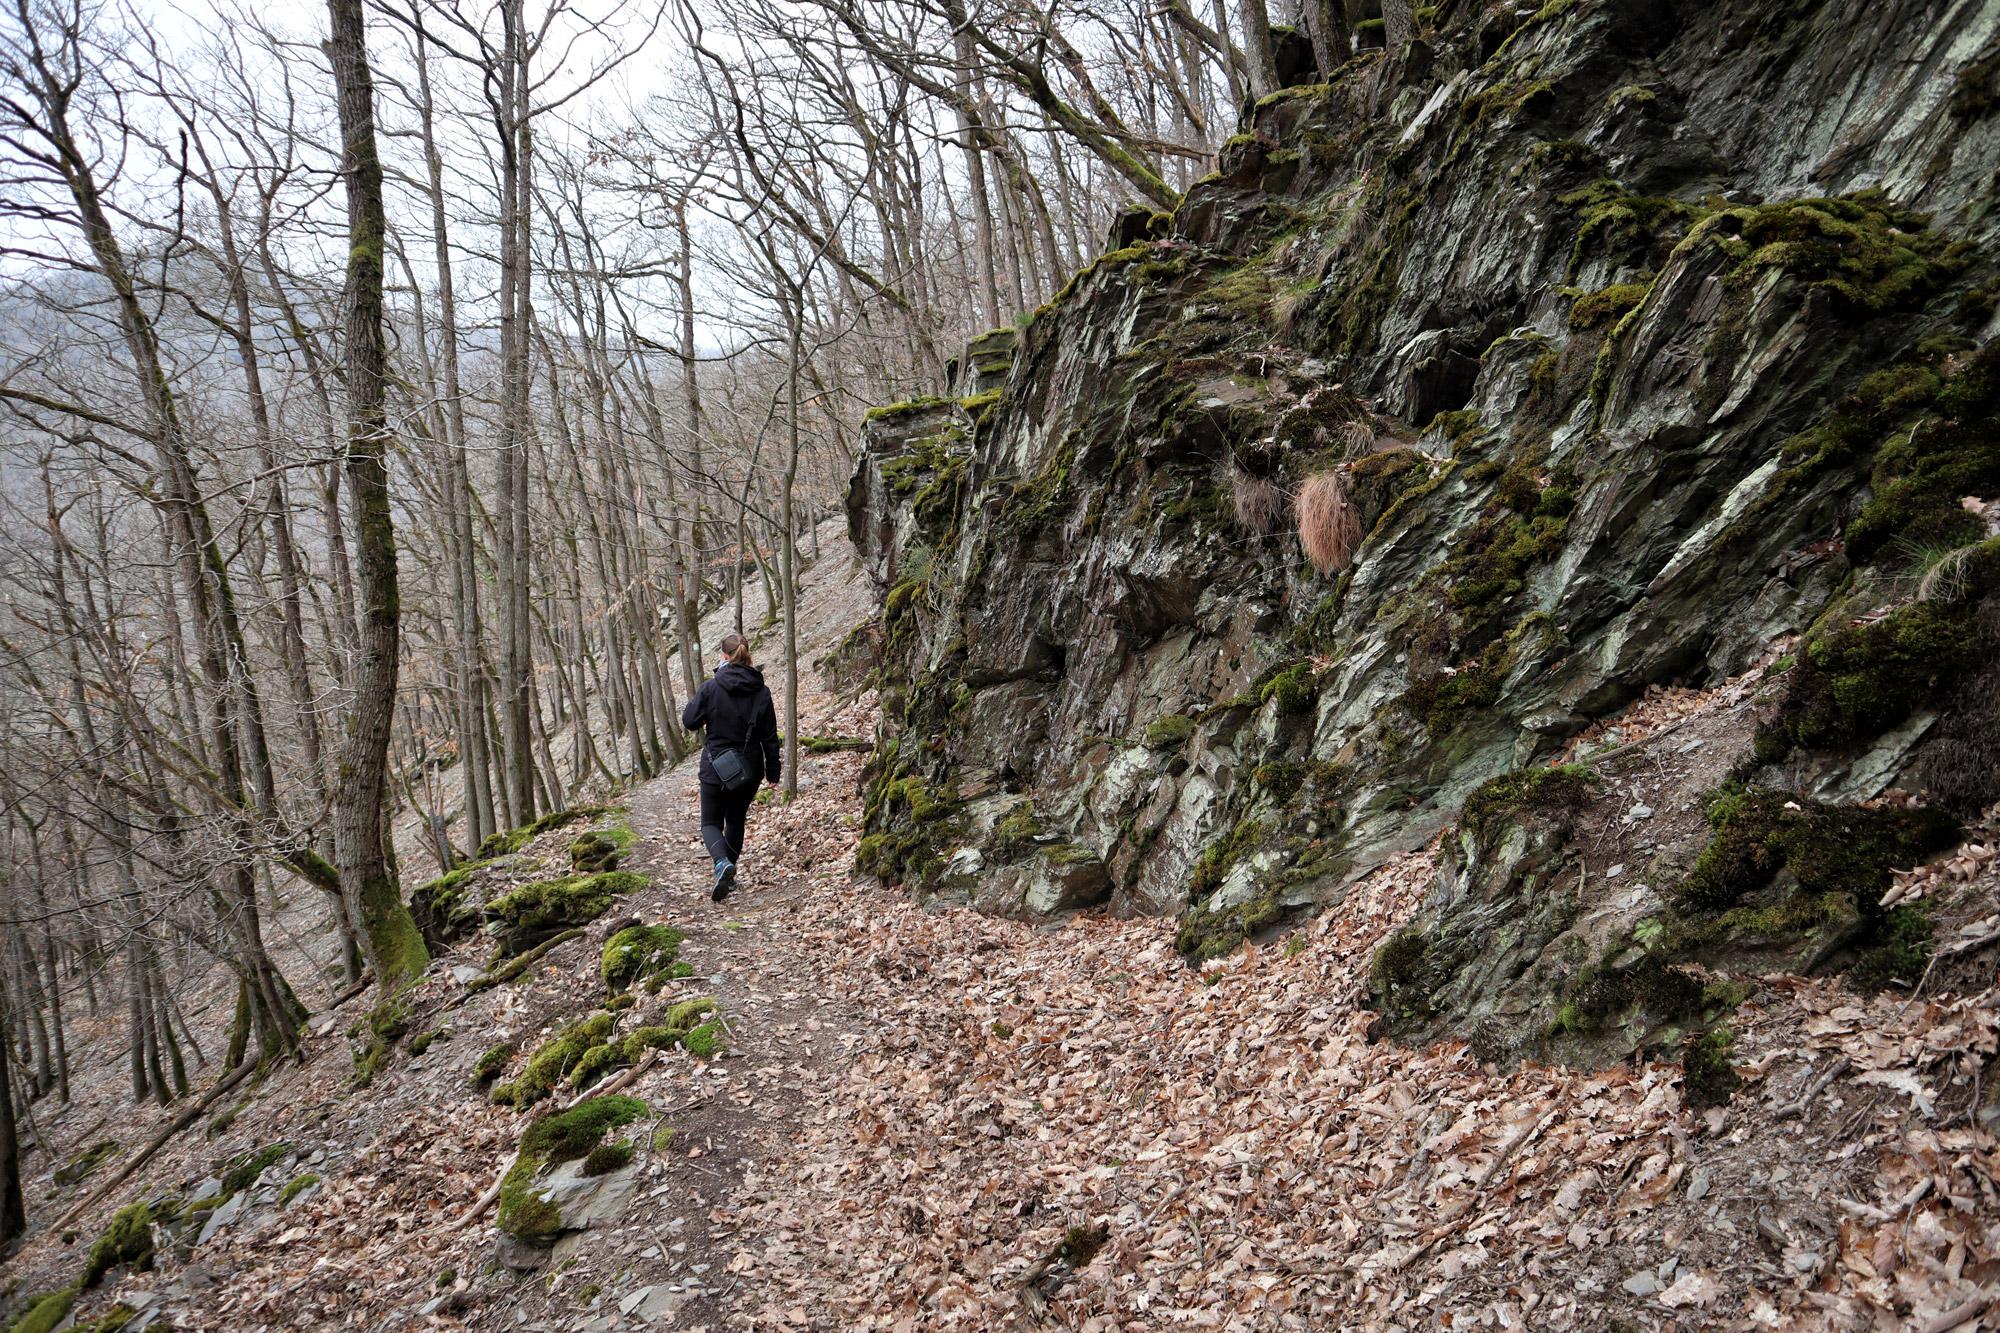 Wandeling: Seitensprung, de Cochemer Ritterrunde